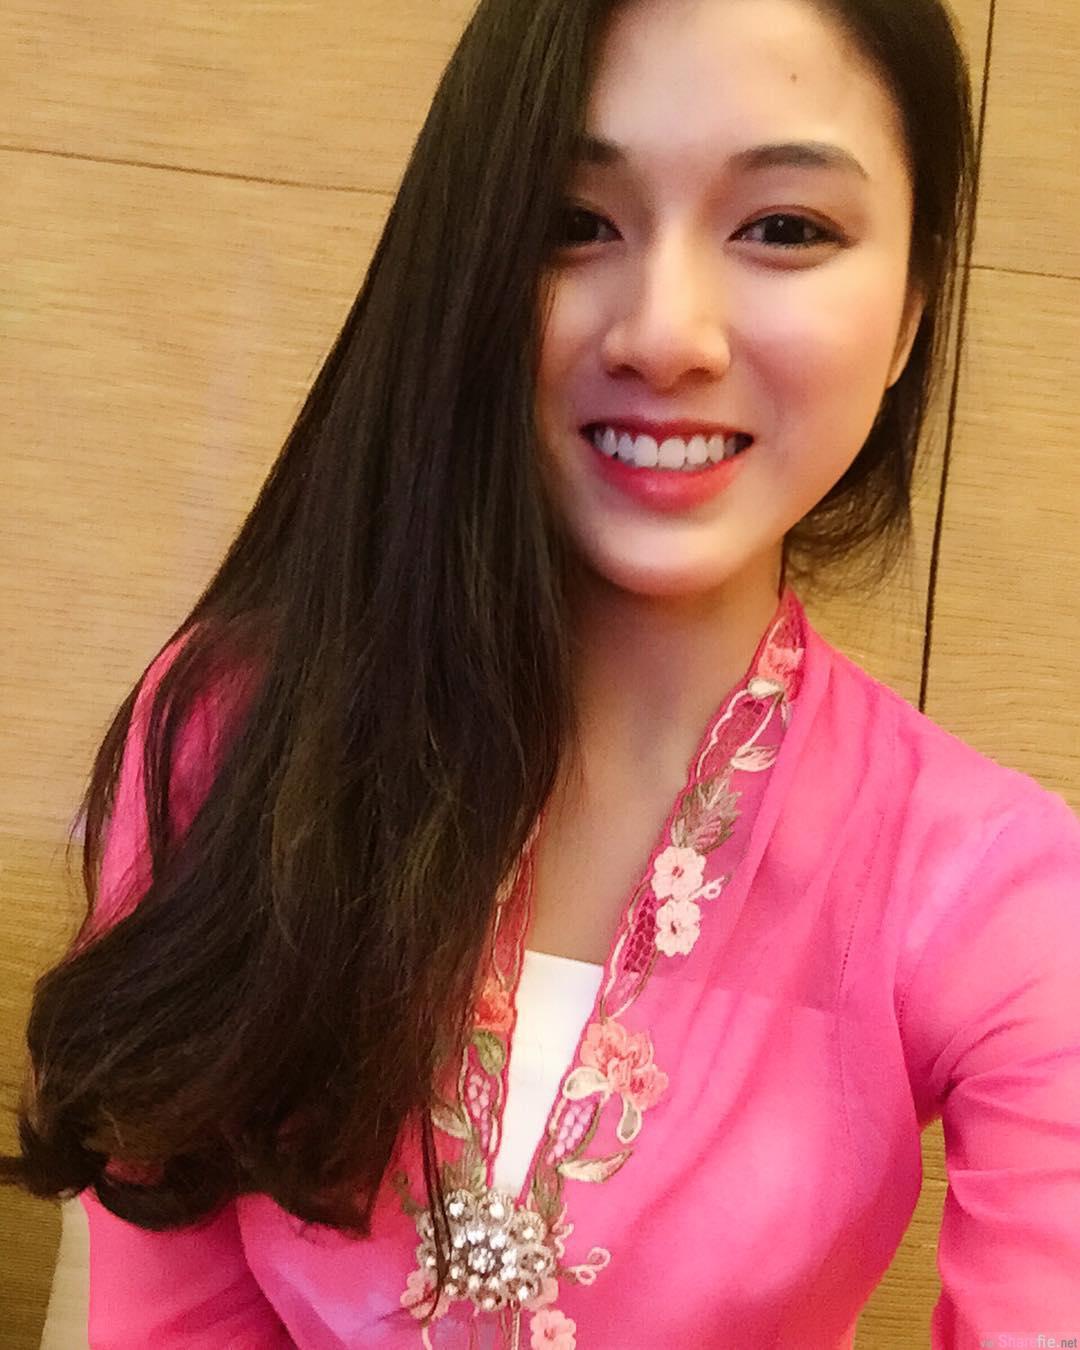 大马正妹Fiona清新甜美笑容,网友:以为她是钟嘉欣